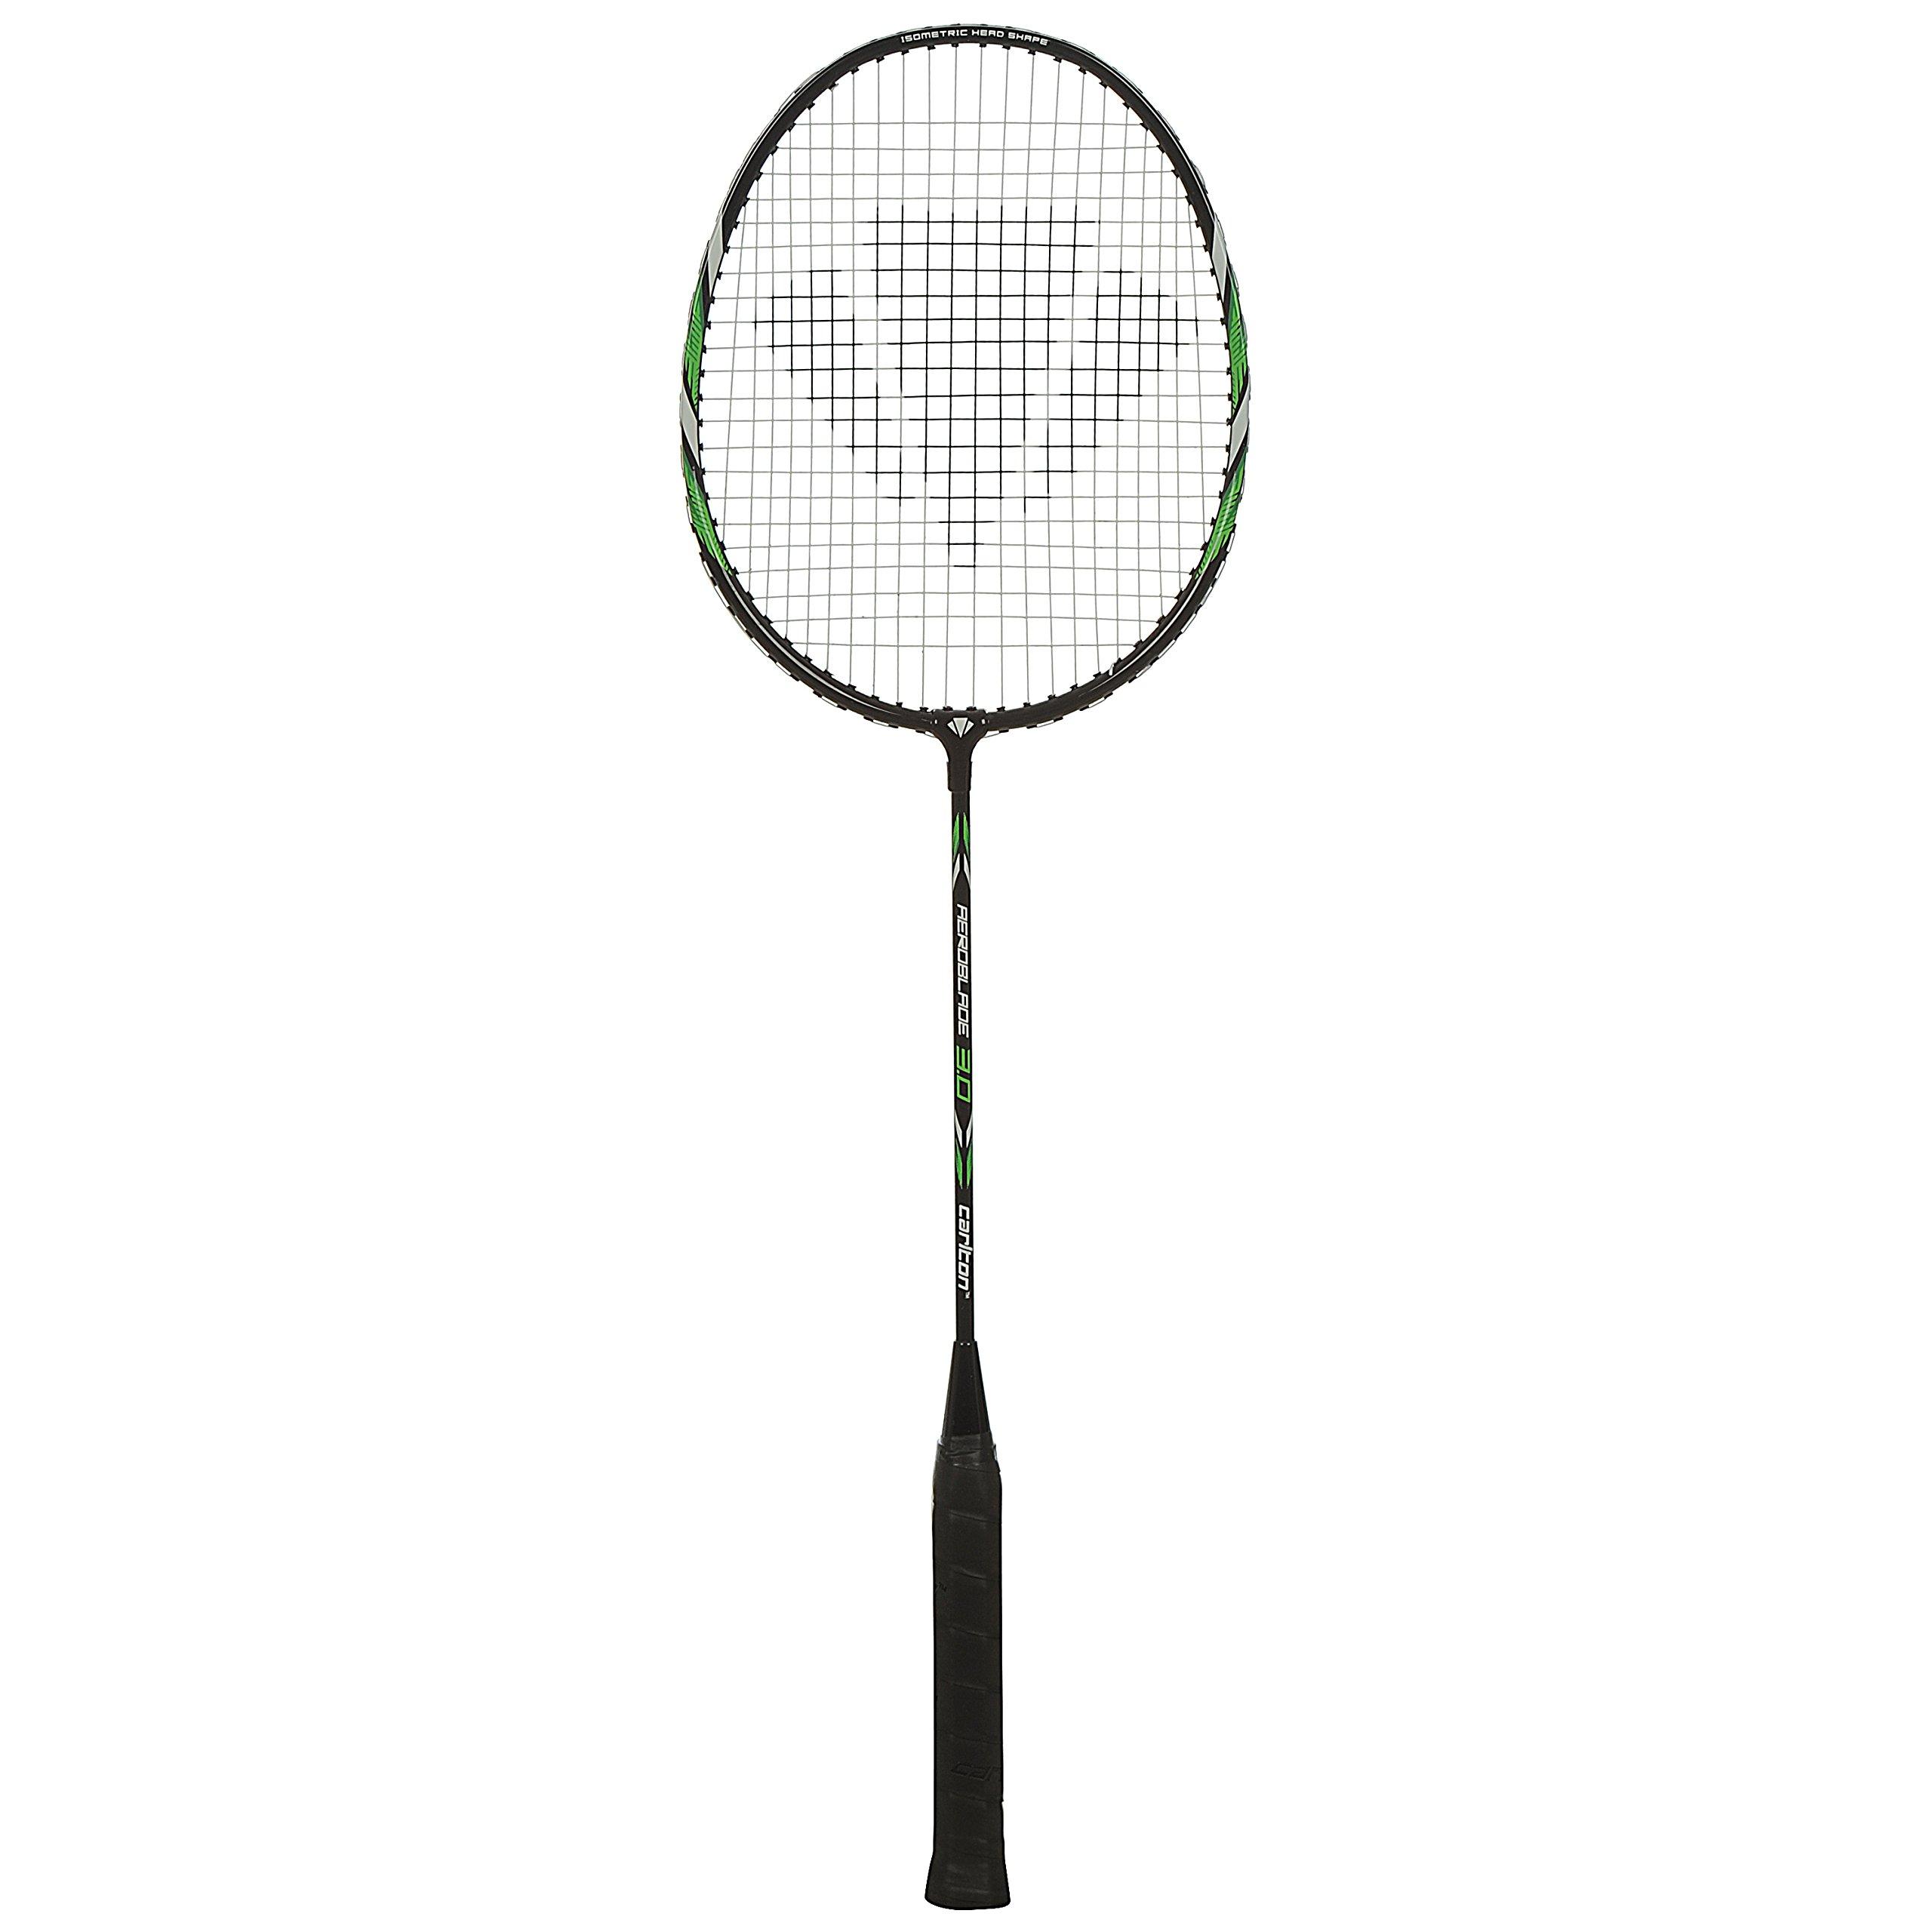 Dunlop raqueta de bádminton Carlton Aeroblade 3.0de carga, Negro/Blanco/Verde, One size, 113671